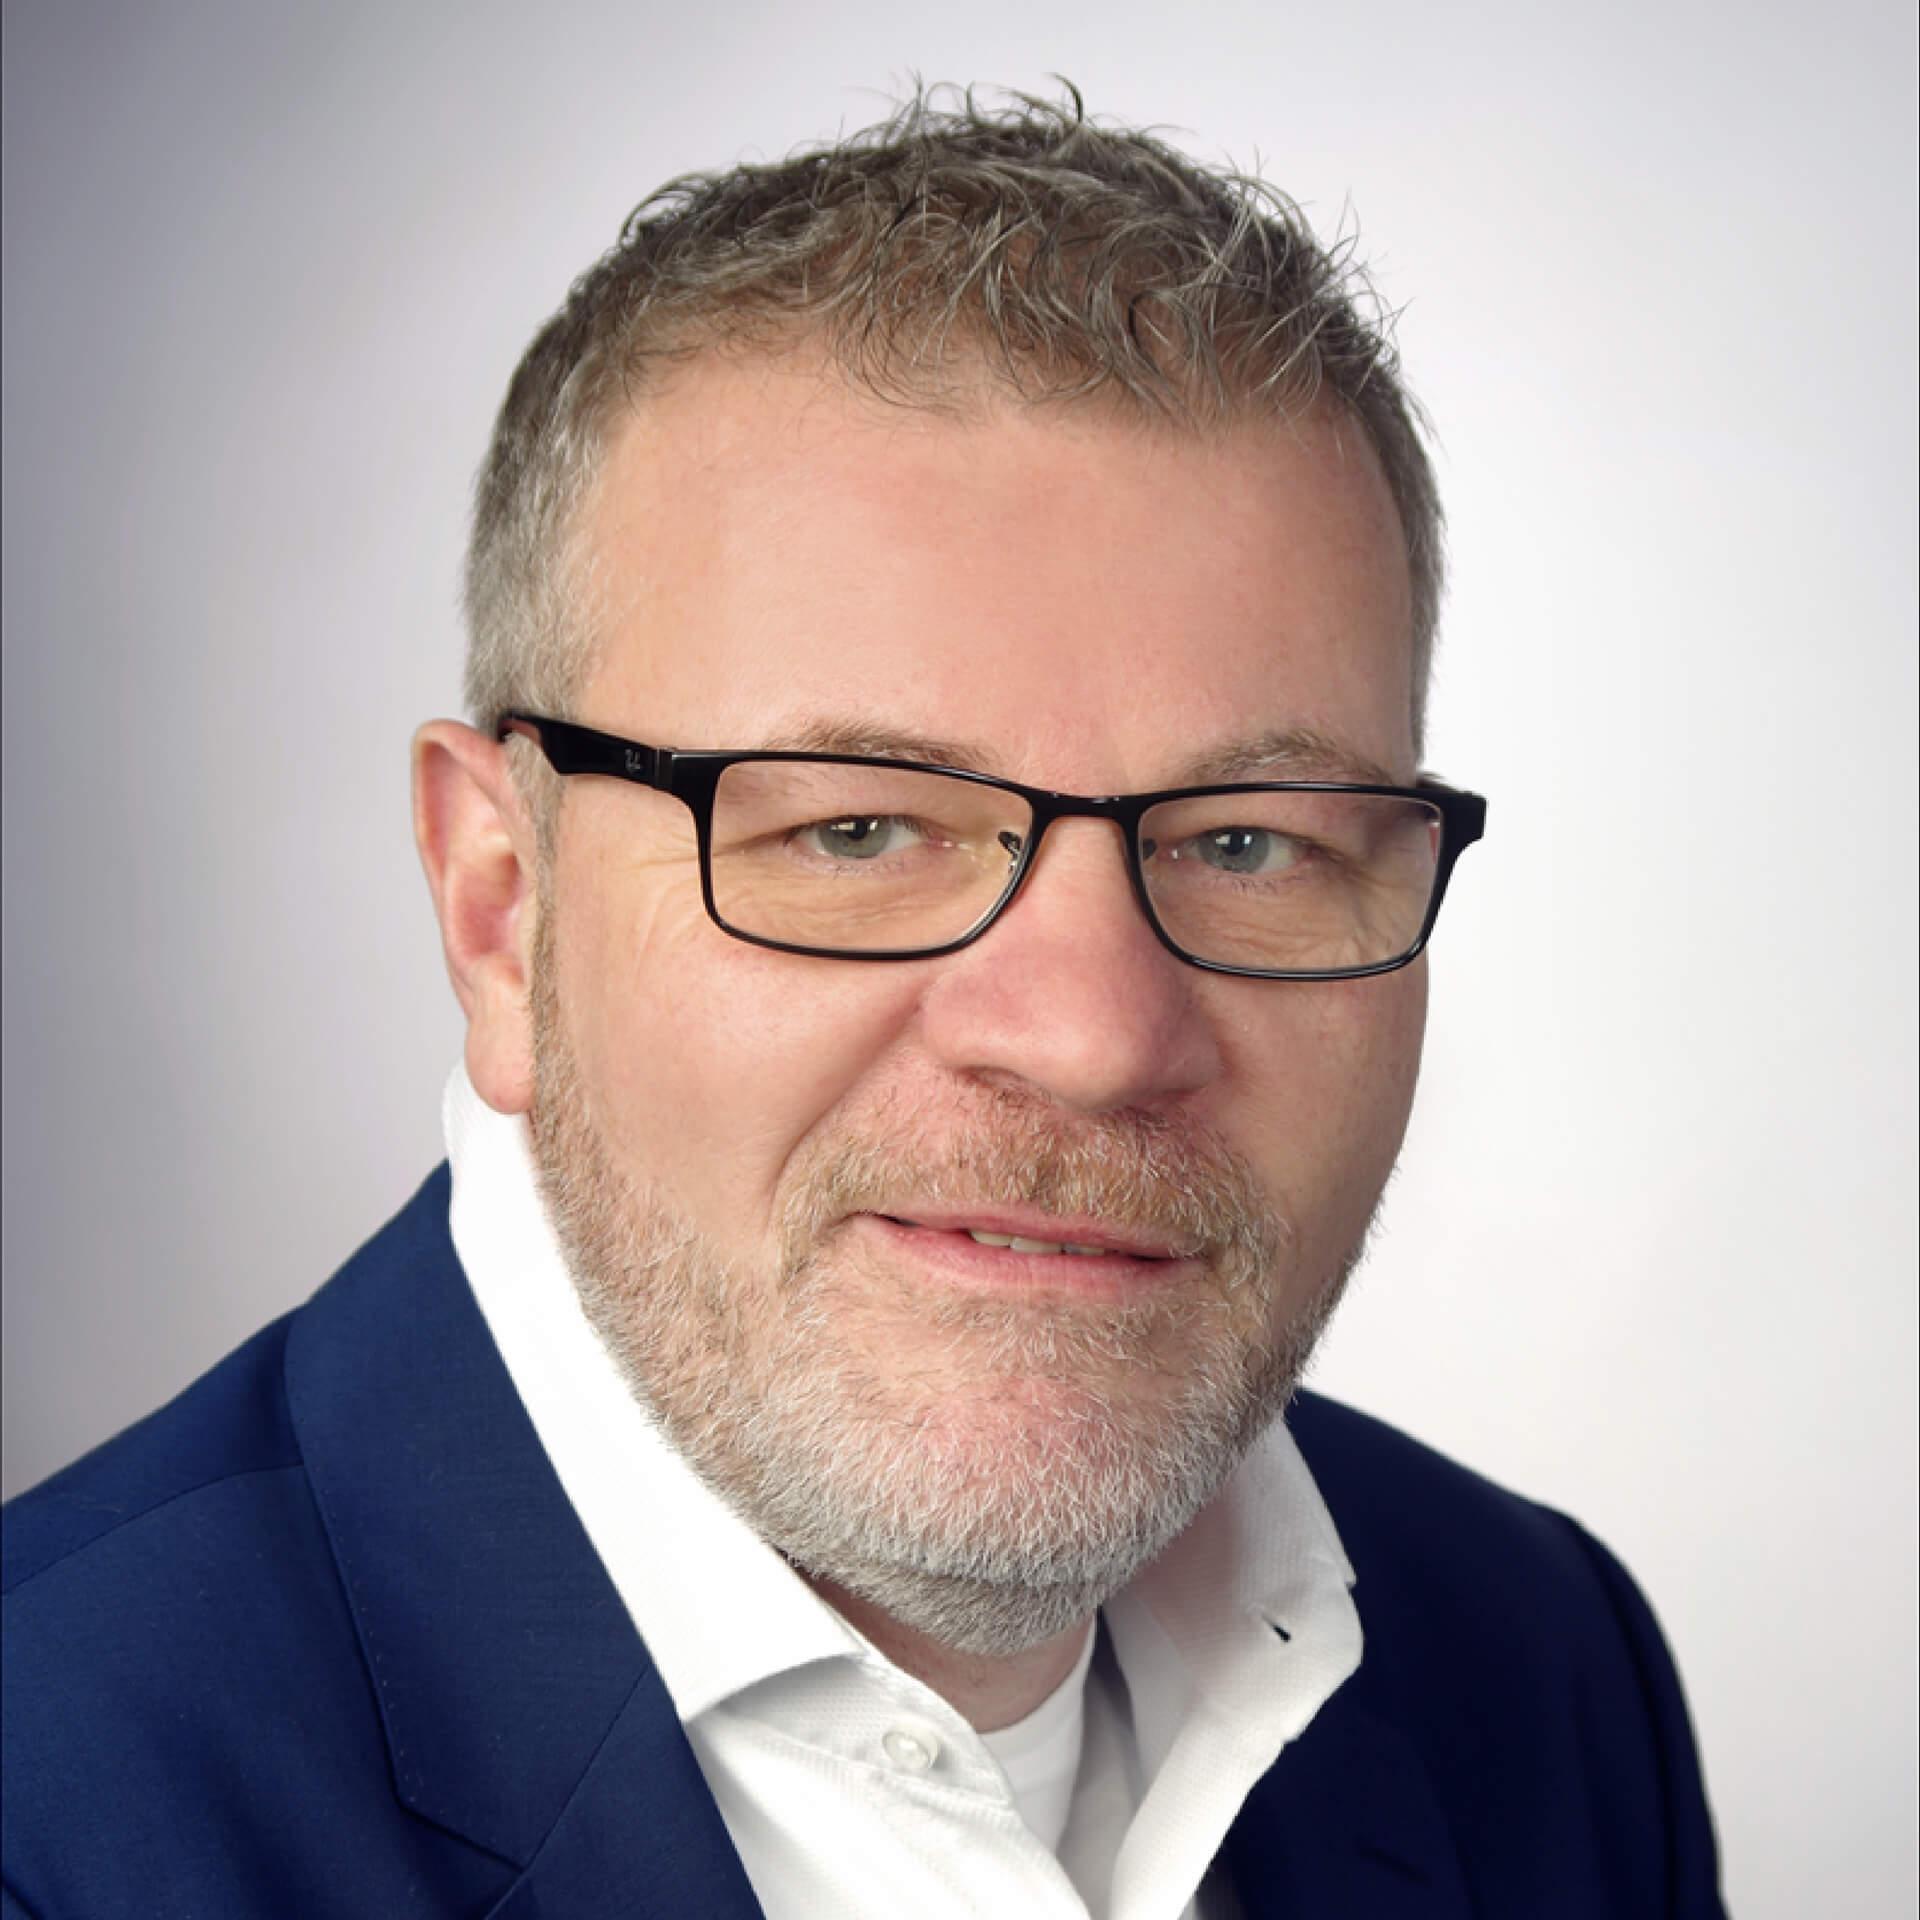 Thomas Szypa